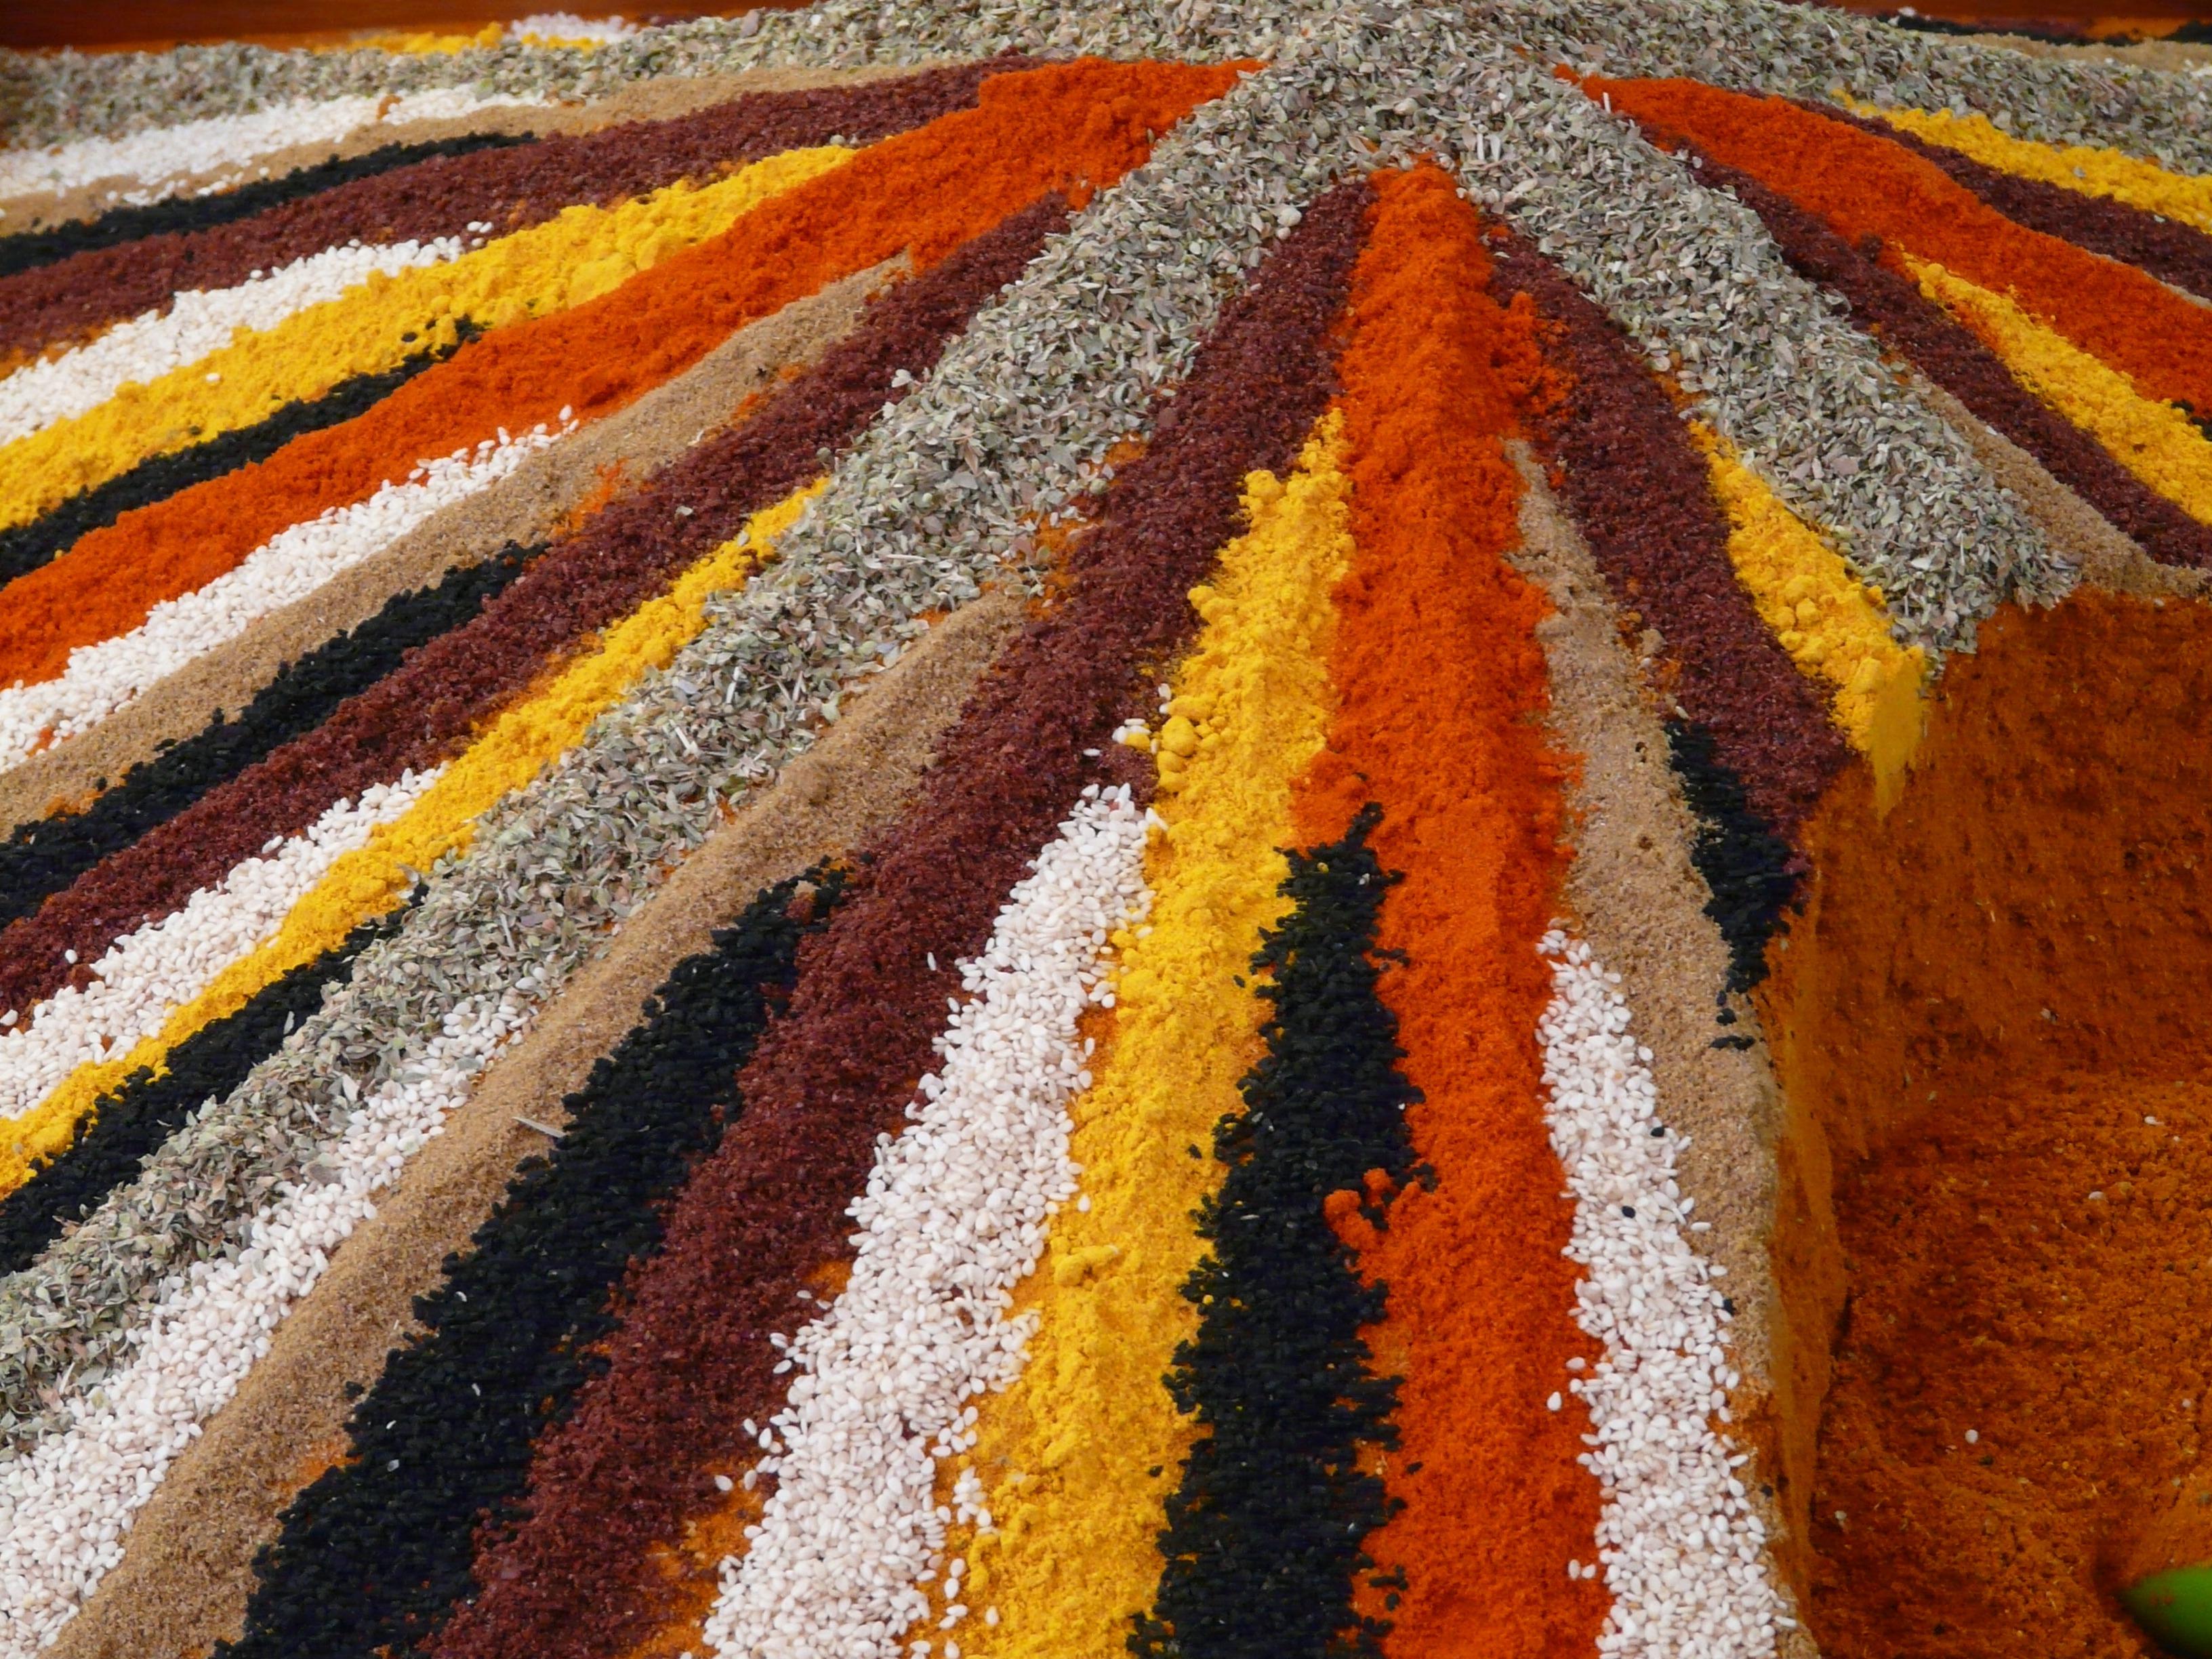 Fotoğraf çiçek Desen Gıda Renk Renkli Sarı Boyama Sanat